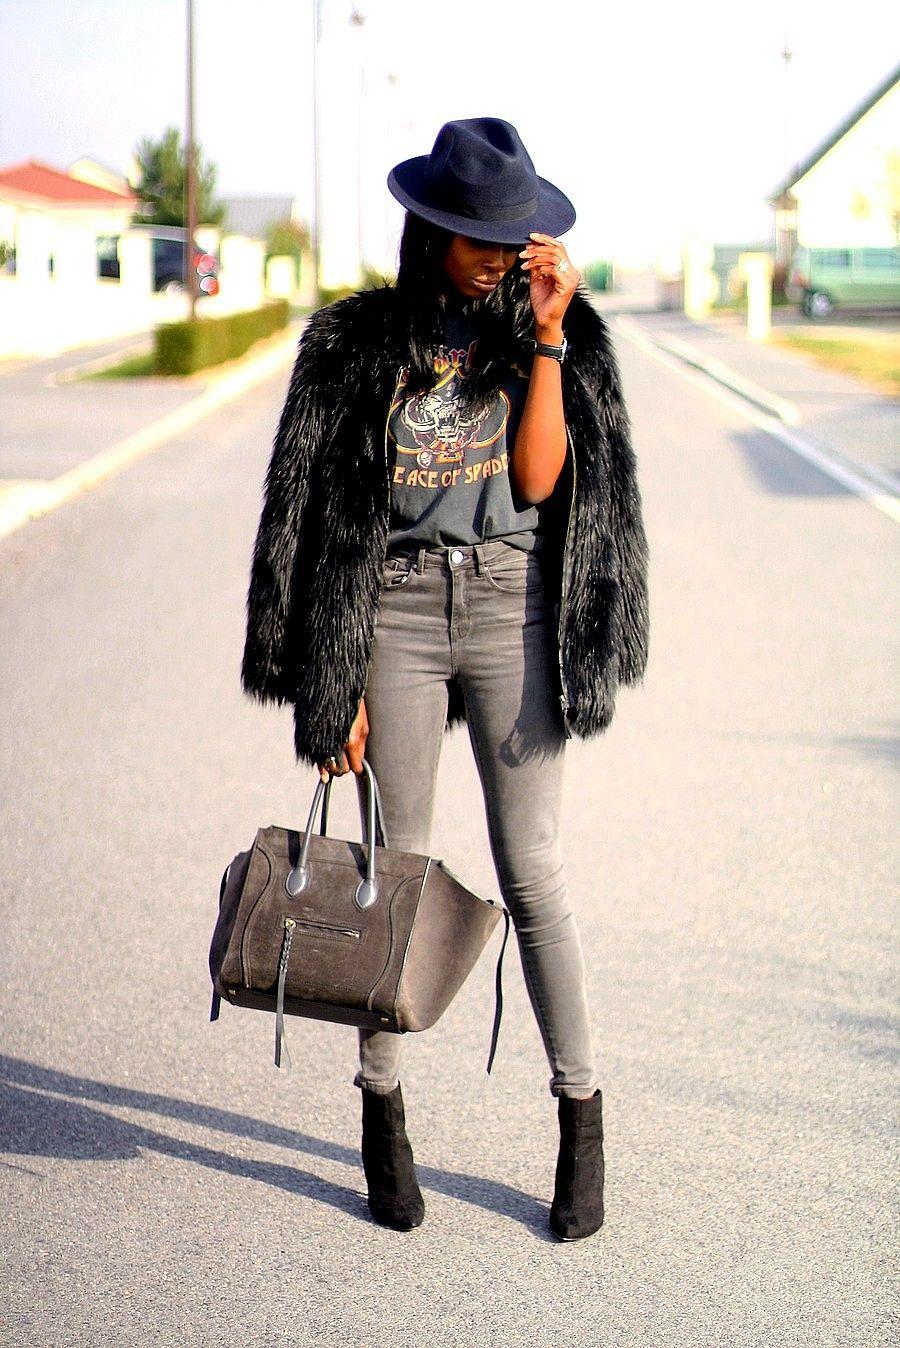 T Jeans Phantom Haute Celine Fourrure Taille Shirt Manteau Fausse Ootd Imprimé tx8wZ48q